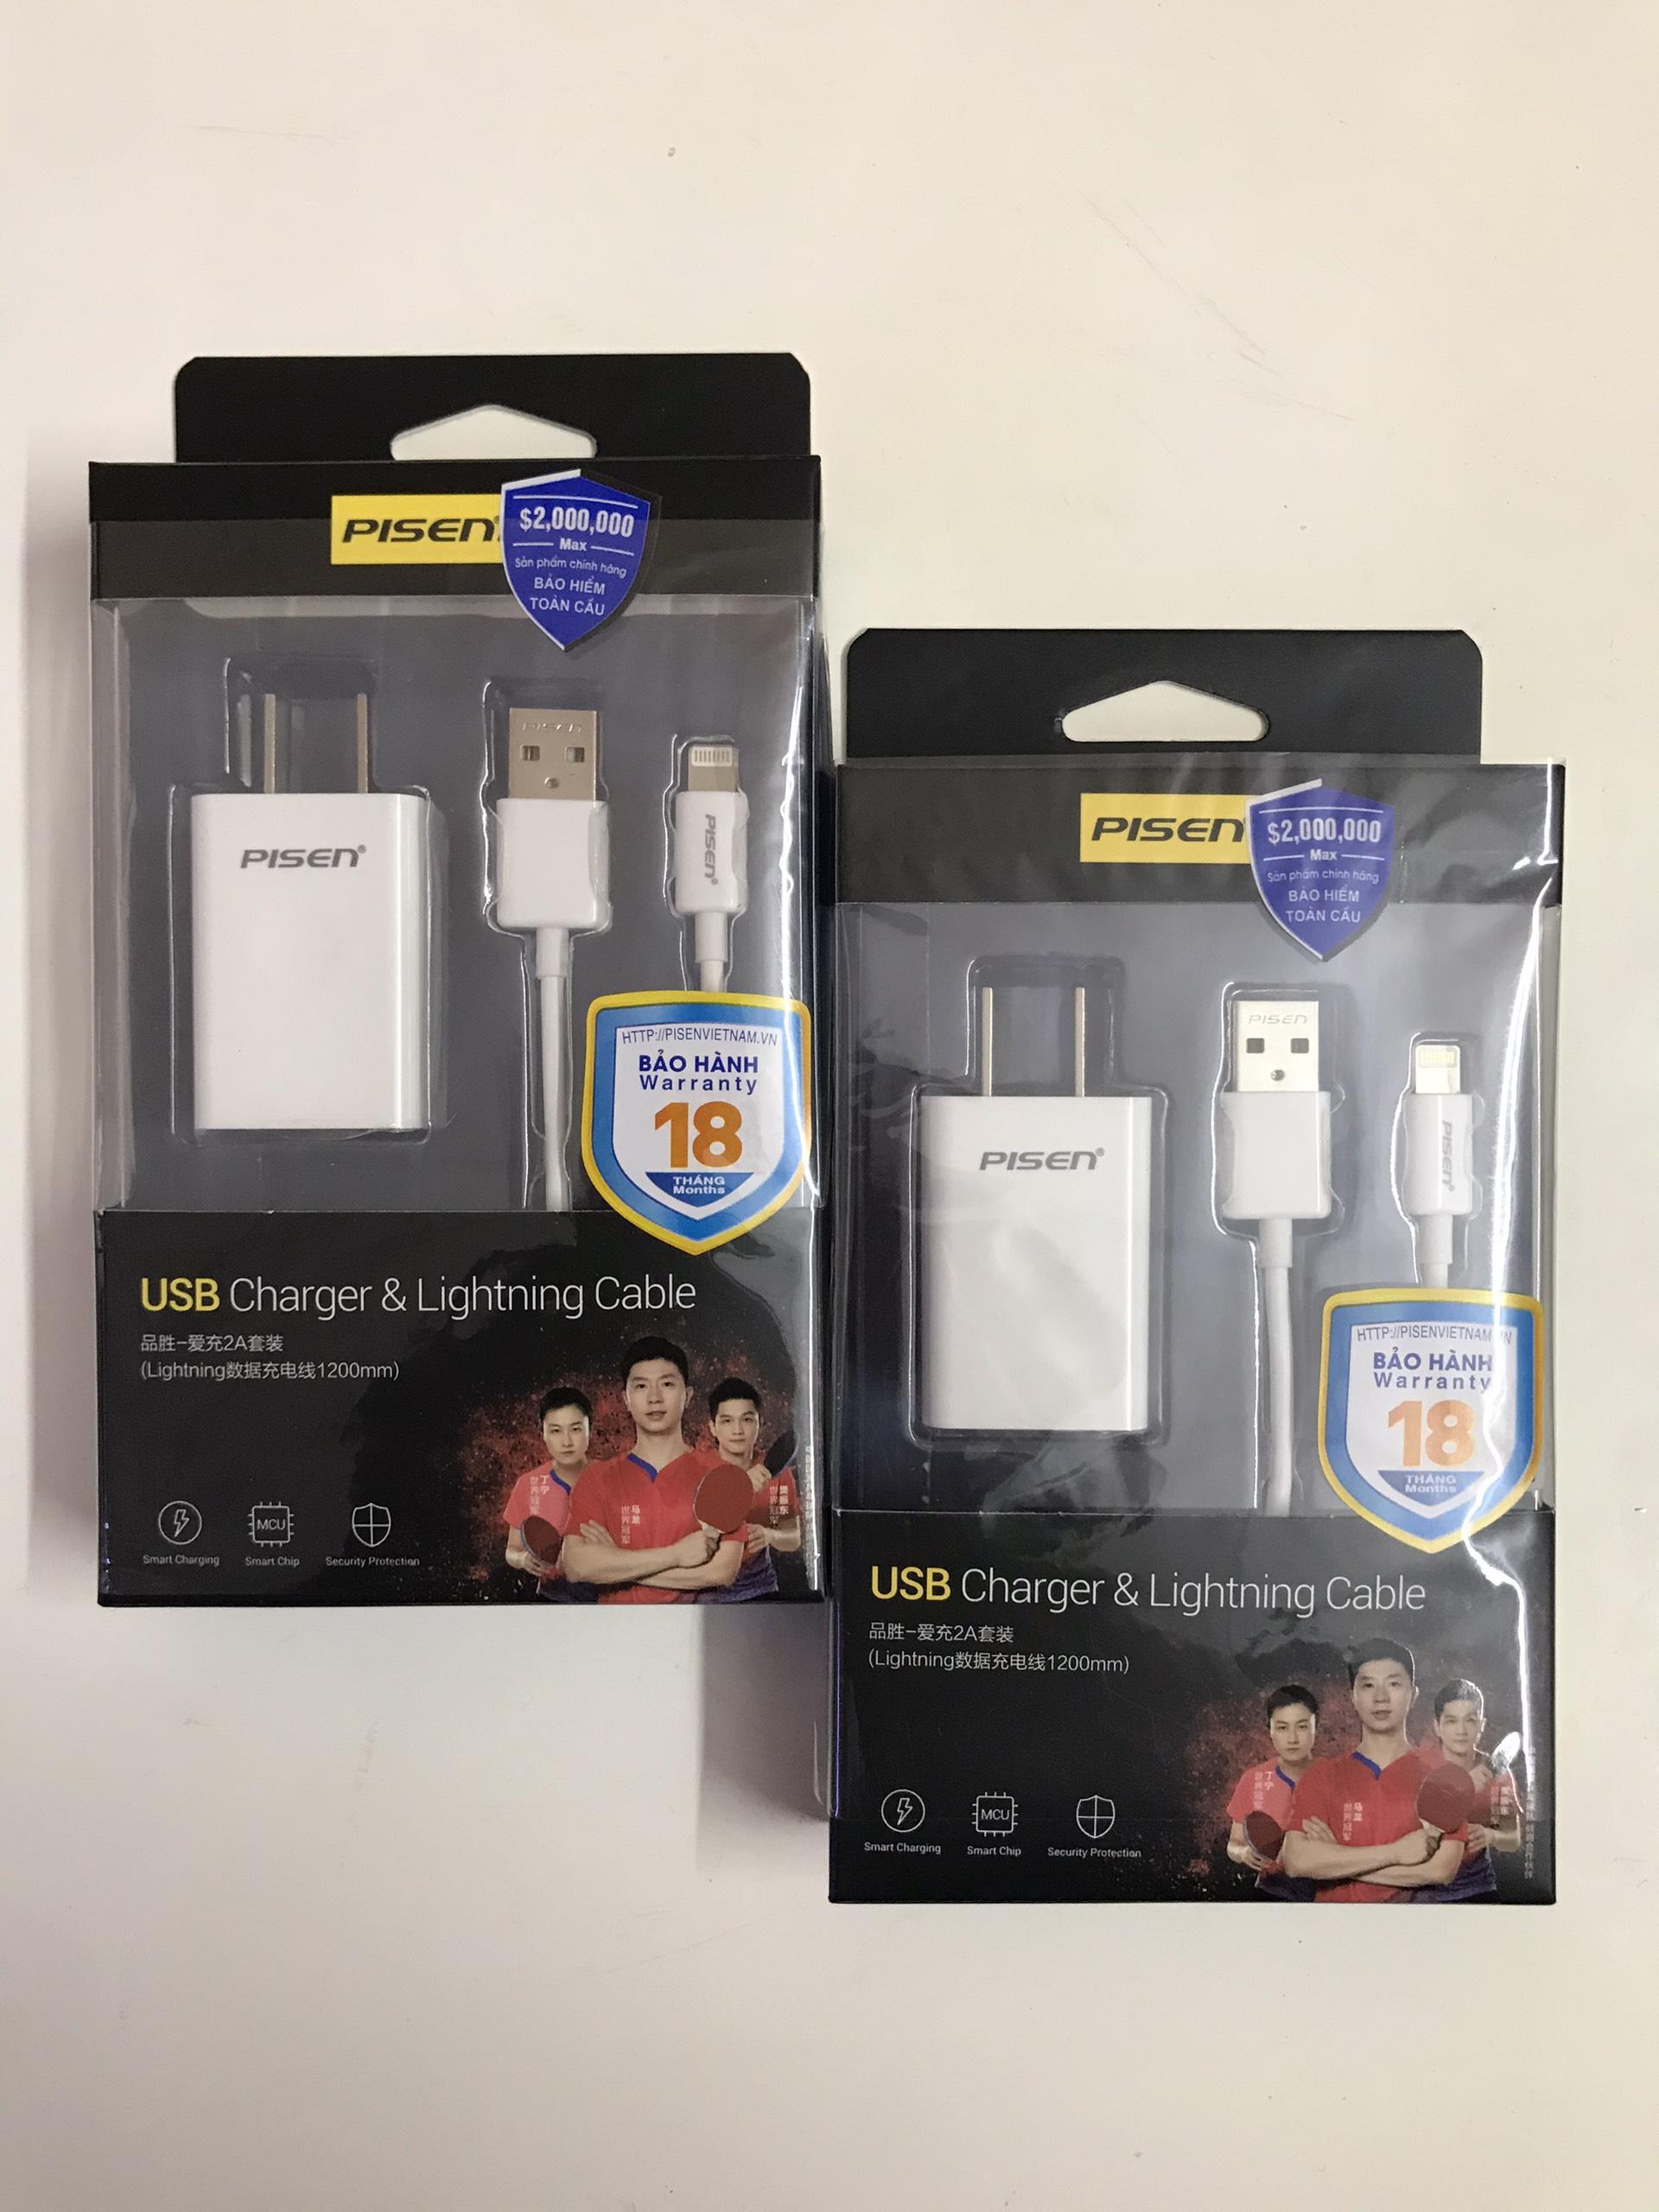 Combo Sạc  Pisen  USB Charger 2A Lightning (sạc nhanh Pisen 1 cổng 2A kèm cáp sạc lightning 1.2m)-Màu ngẫu nhiên - Hàng chính hãng